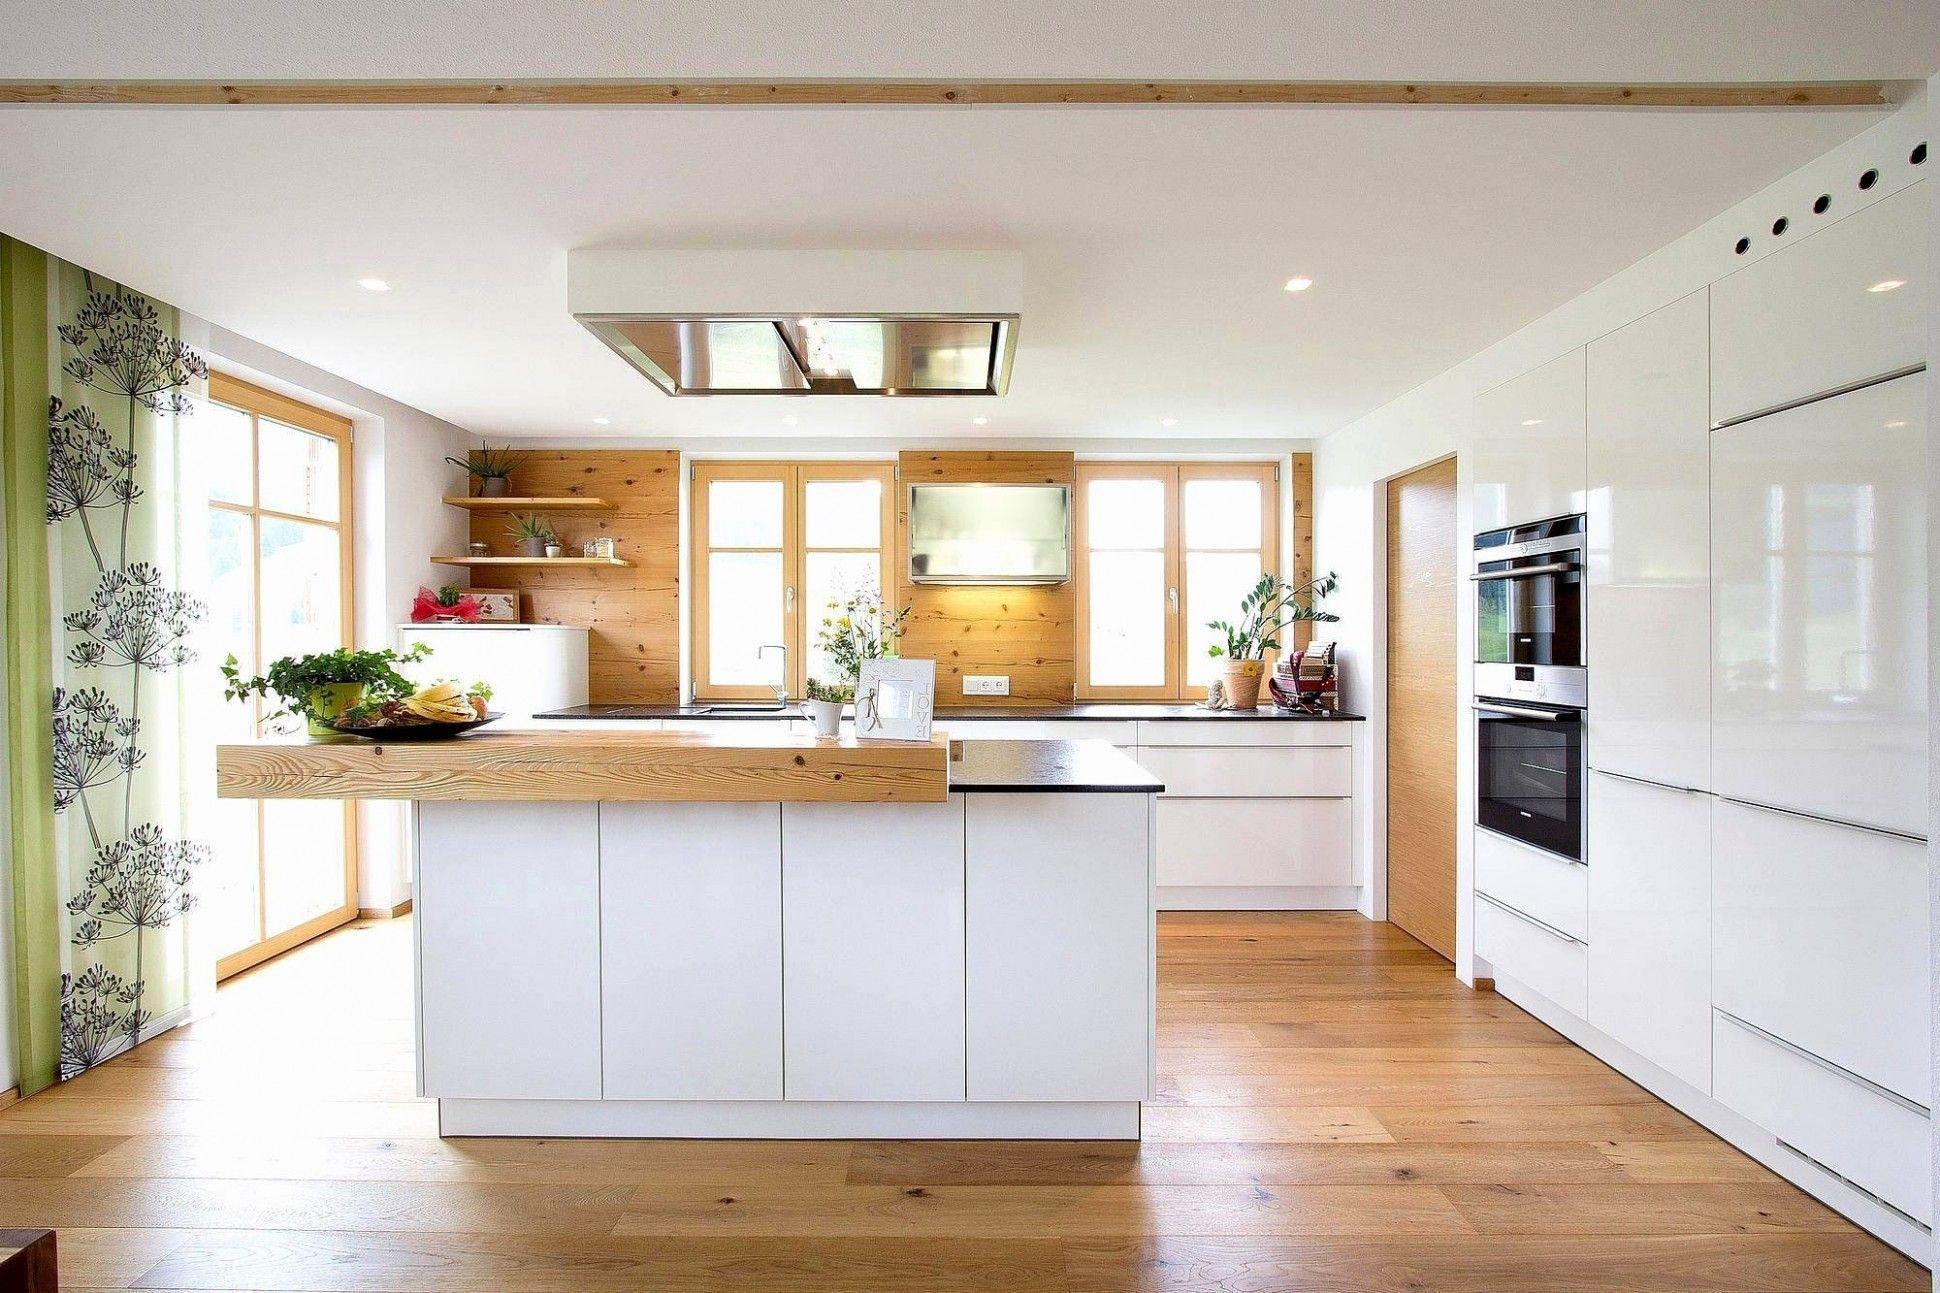 Kuche Weiss Hochglanz Arbeitsplatte Grau In 2020 Classic Kitchen Design Kitchen Kitchen Design